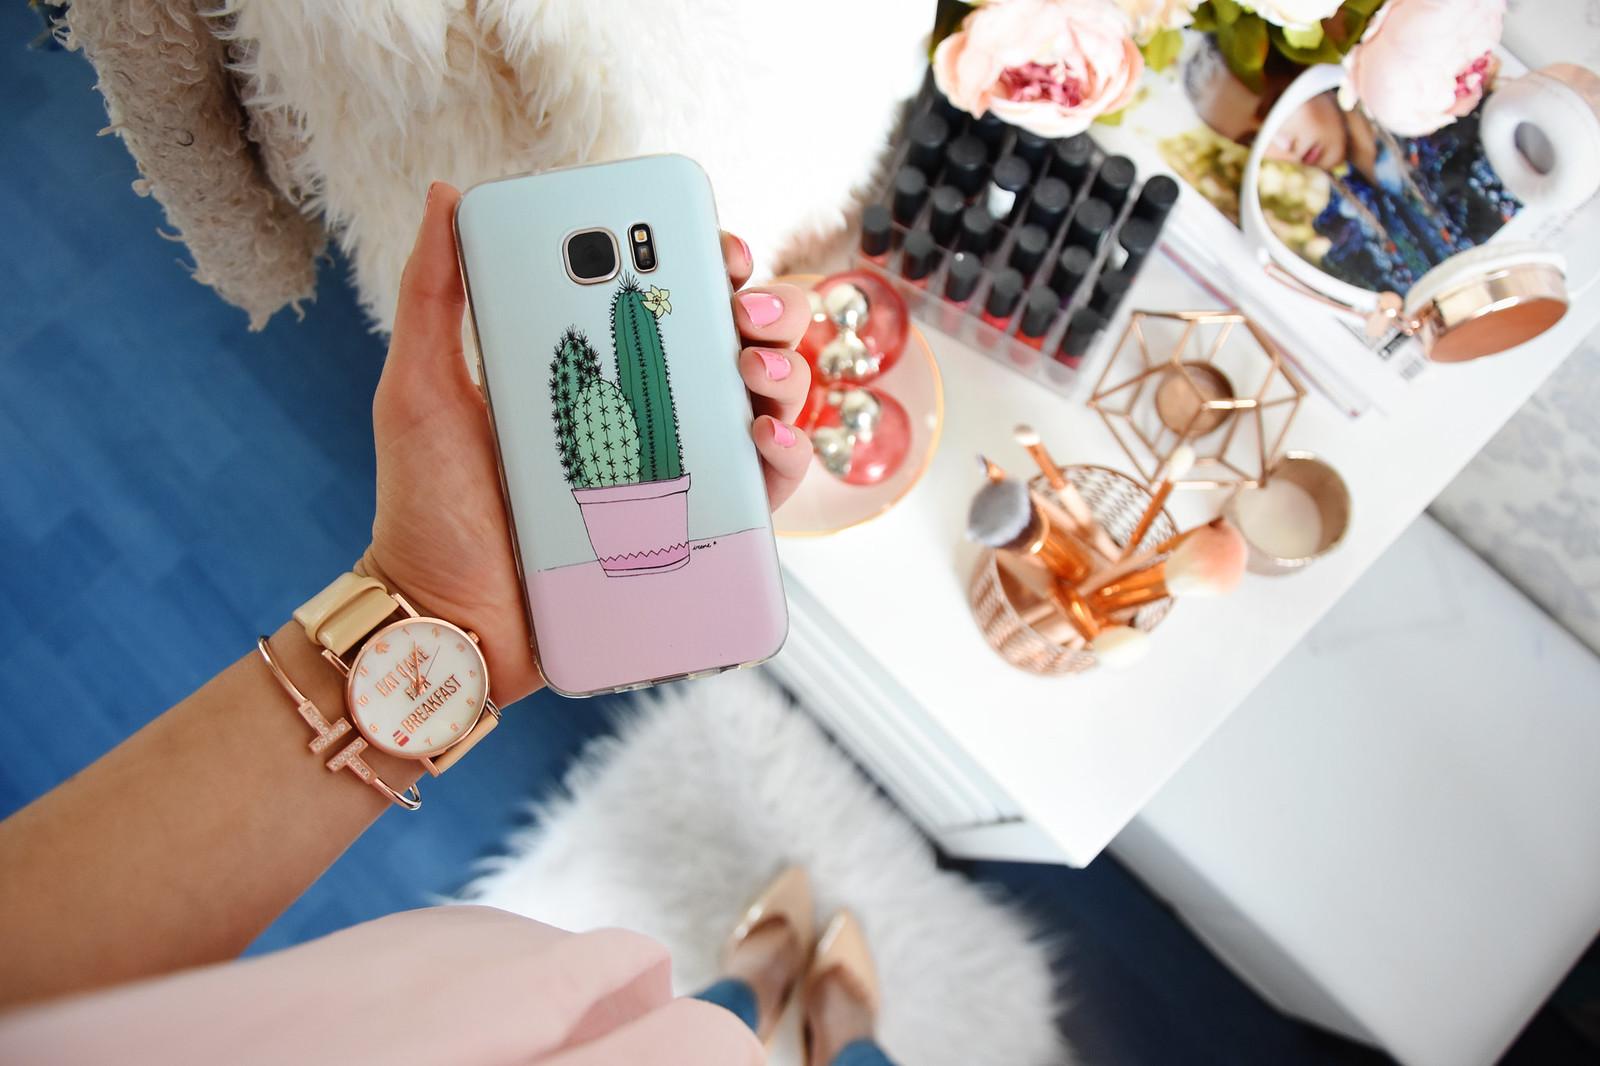 Cacti design phone case